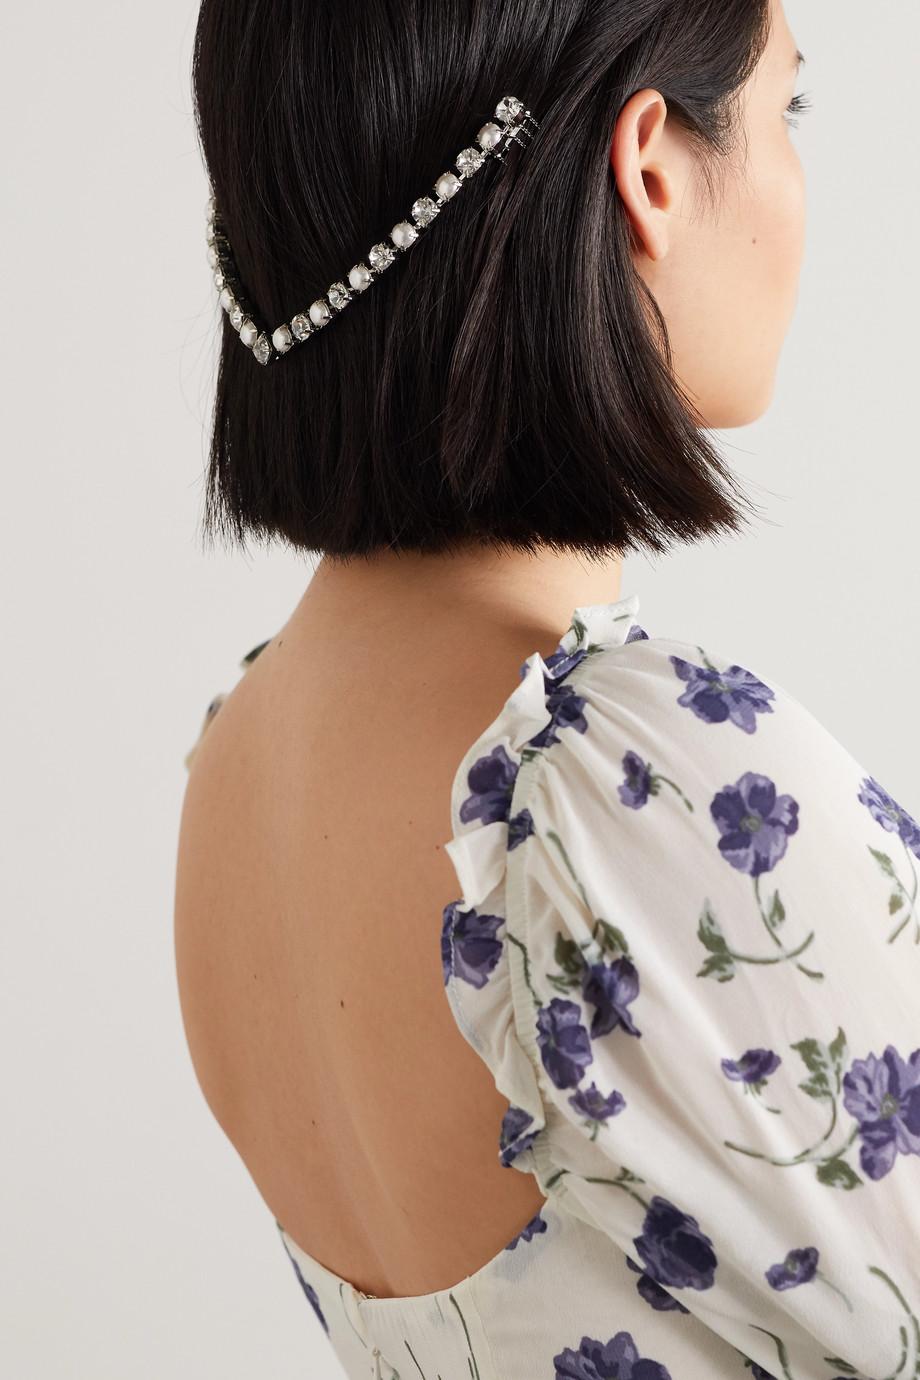 LELET NY Vee silver-tone, faux pearl and Swarovski crystal headband